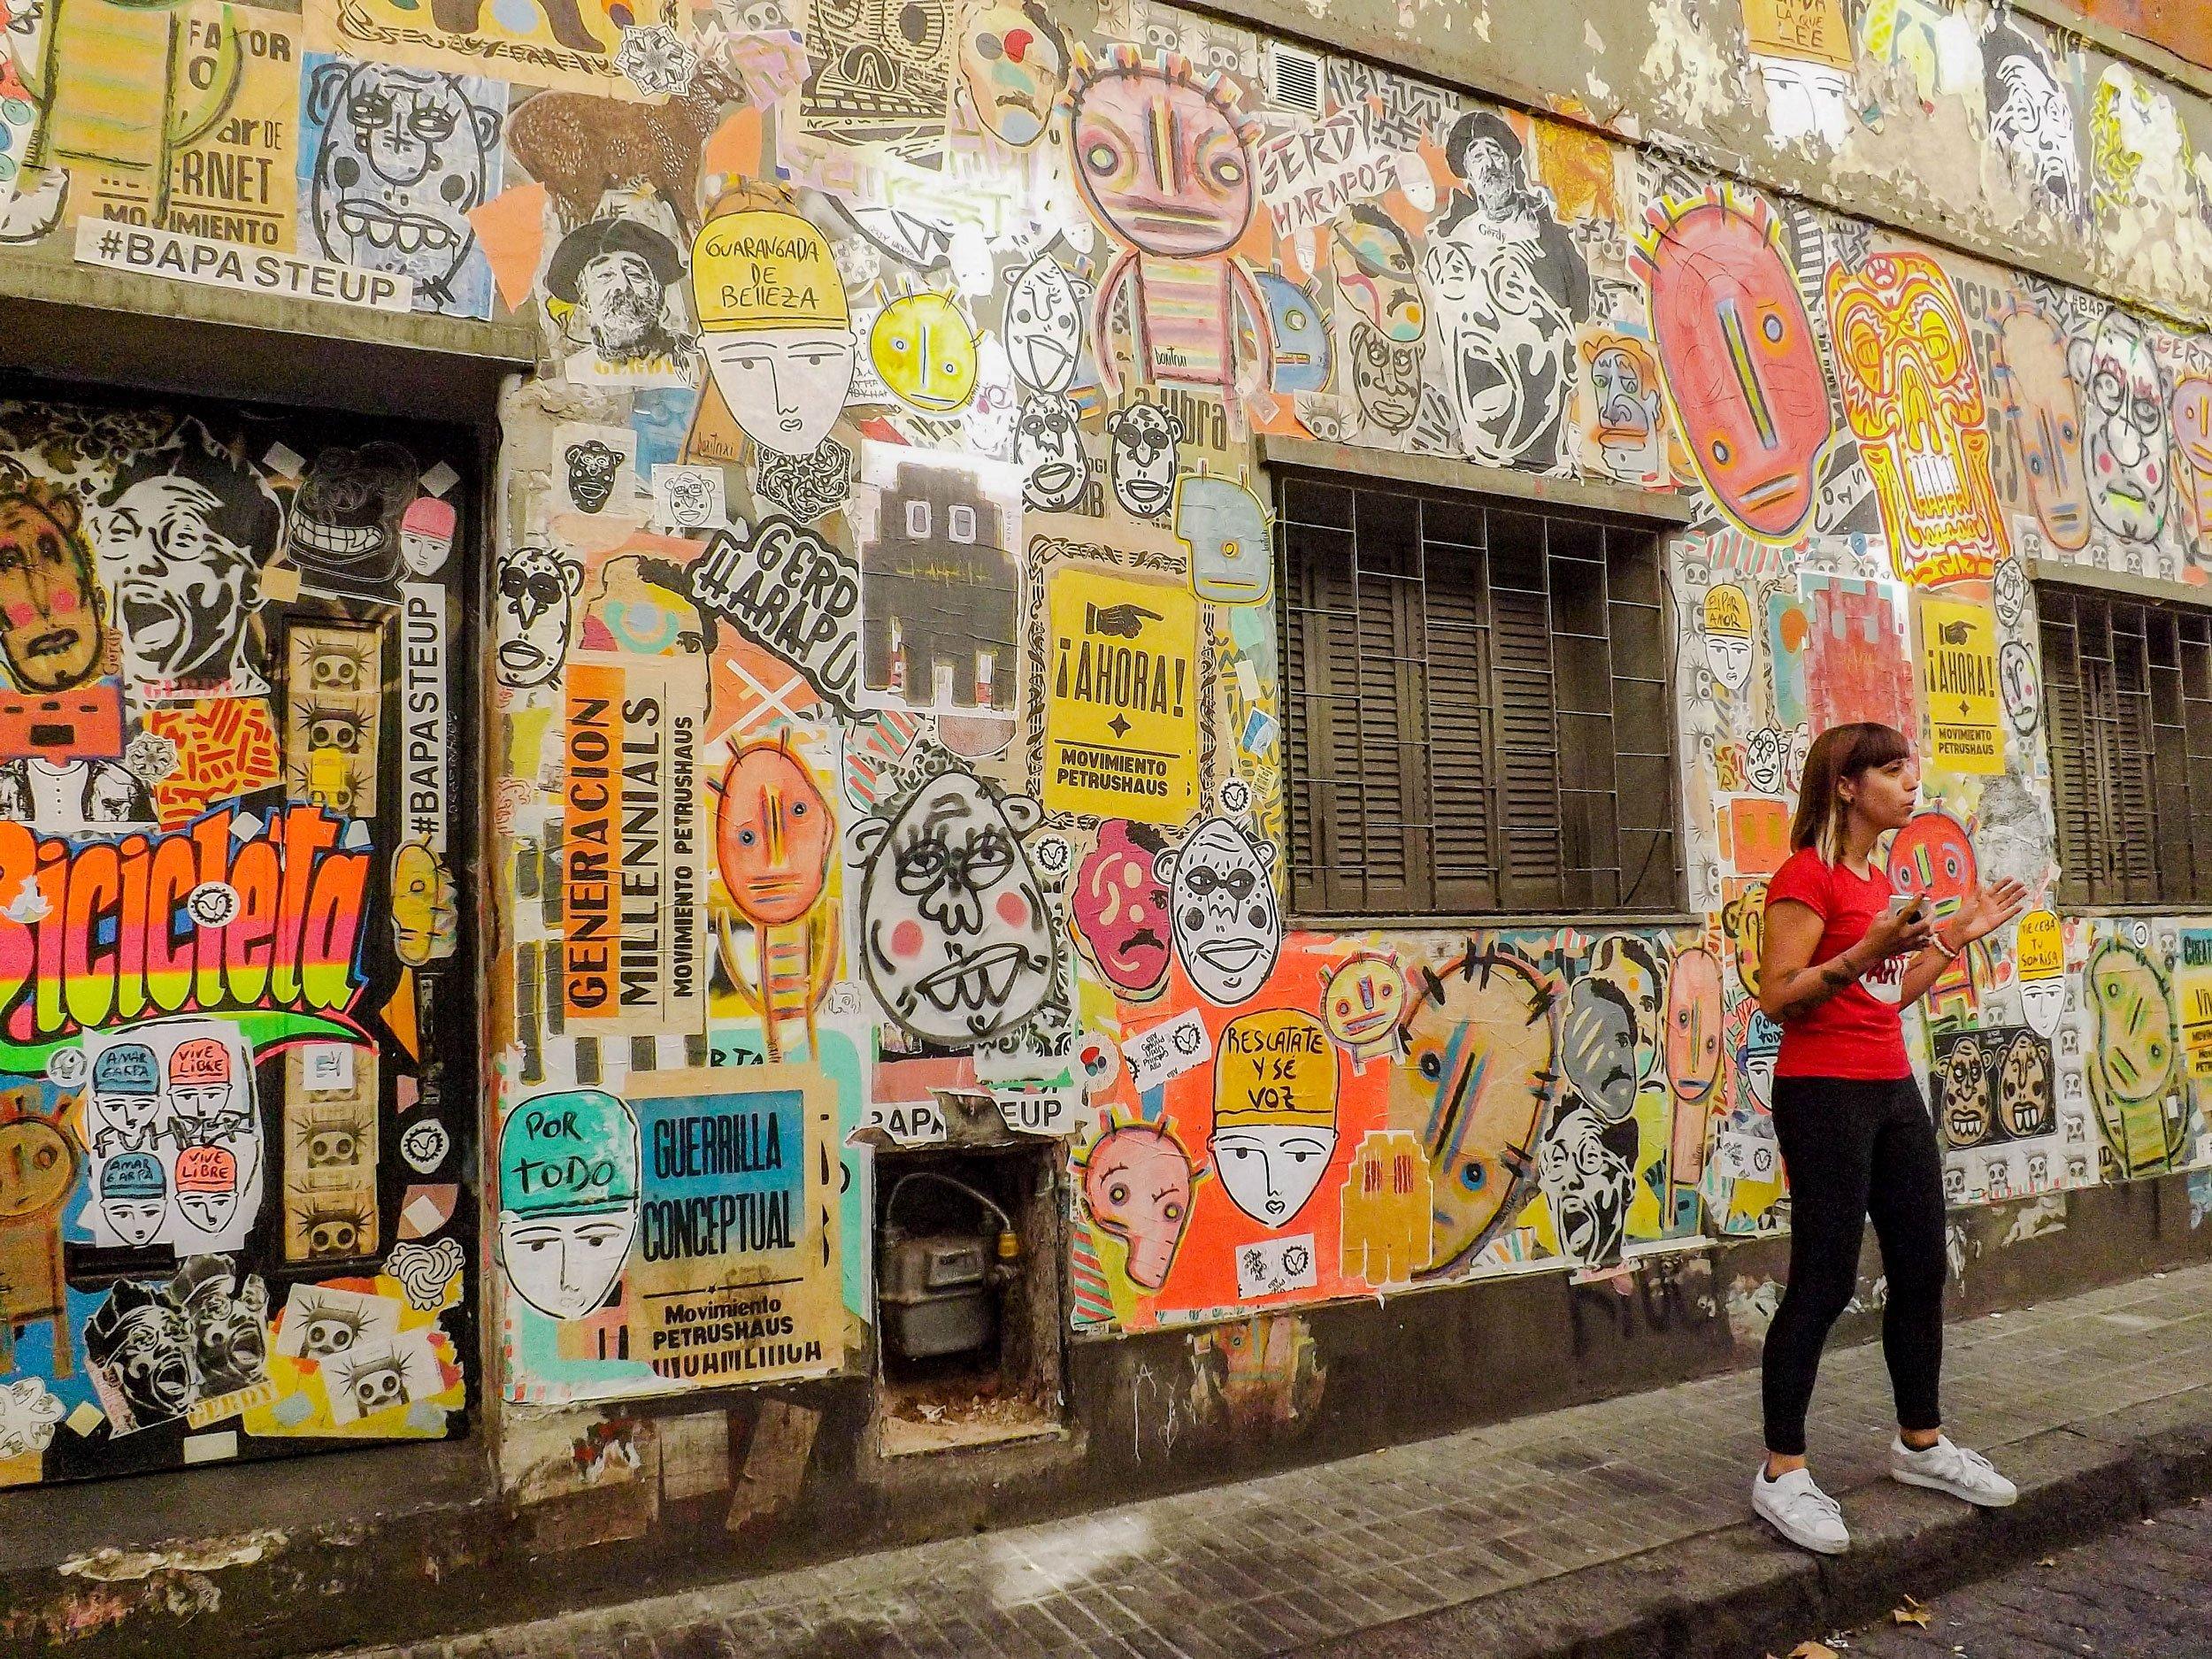 Buenos Aires street art tour | Best Street Art Cities